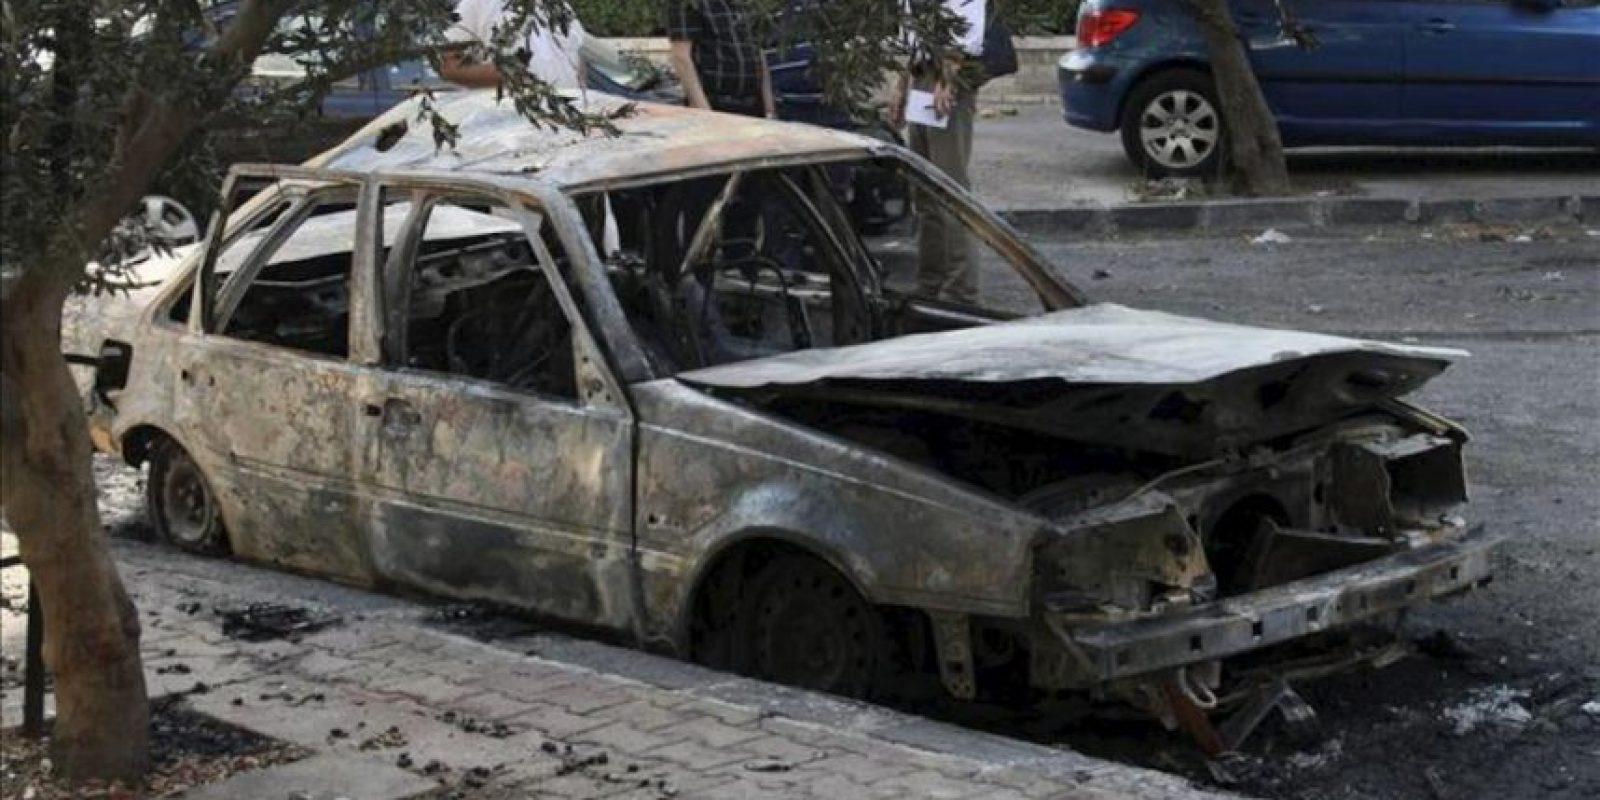 Un coche calcinado por un supuesto ataque químico en el barrio de Sharqi al-Tijarra, en Damasco, el pasado miércoles. EFE